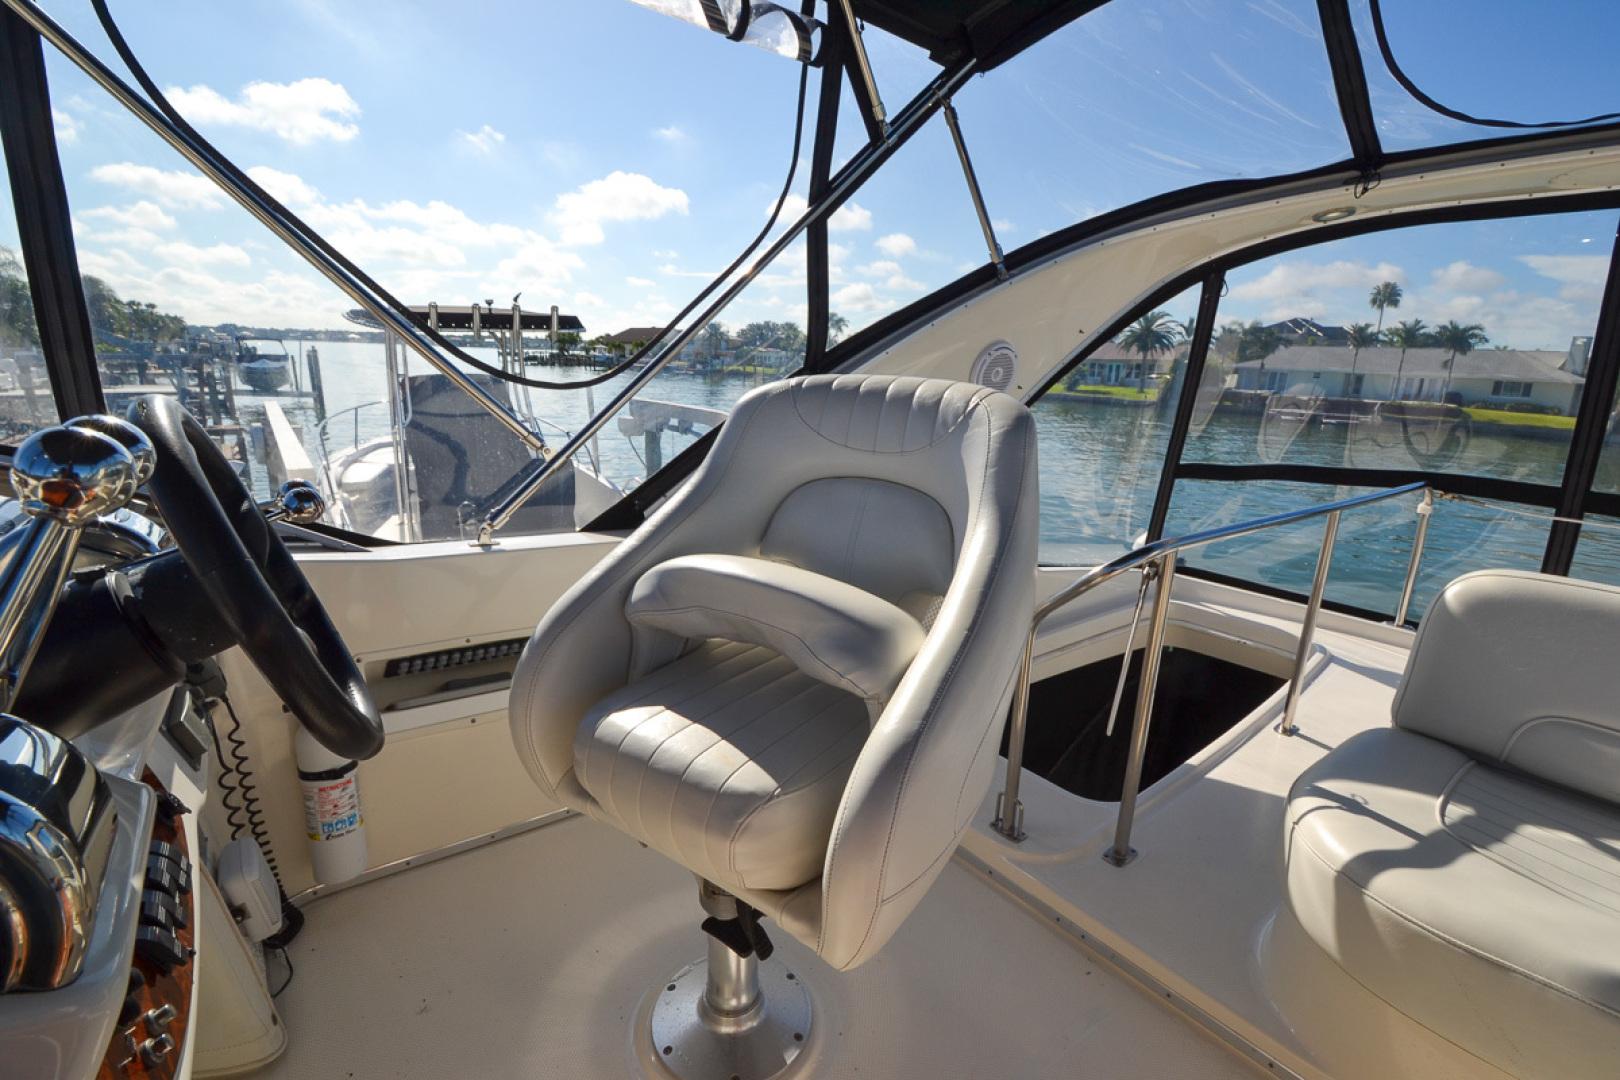 Meridian-341 Sedan 2004-Sea Harmony Belleair Beach-Florida-United States-1496637 | Thumbnail